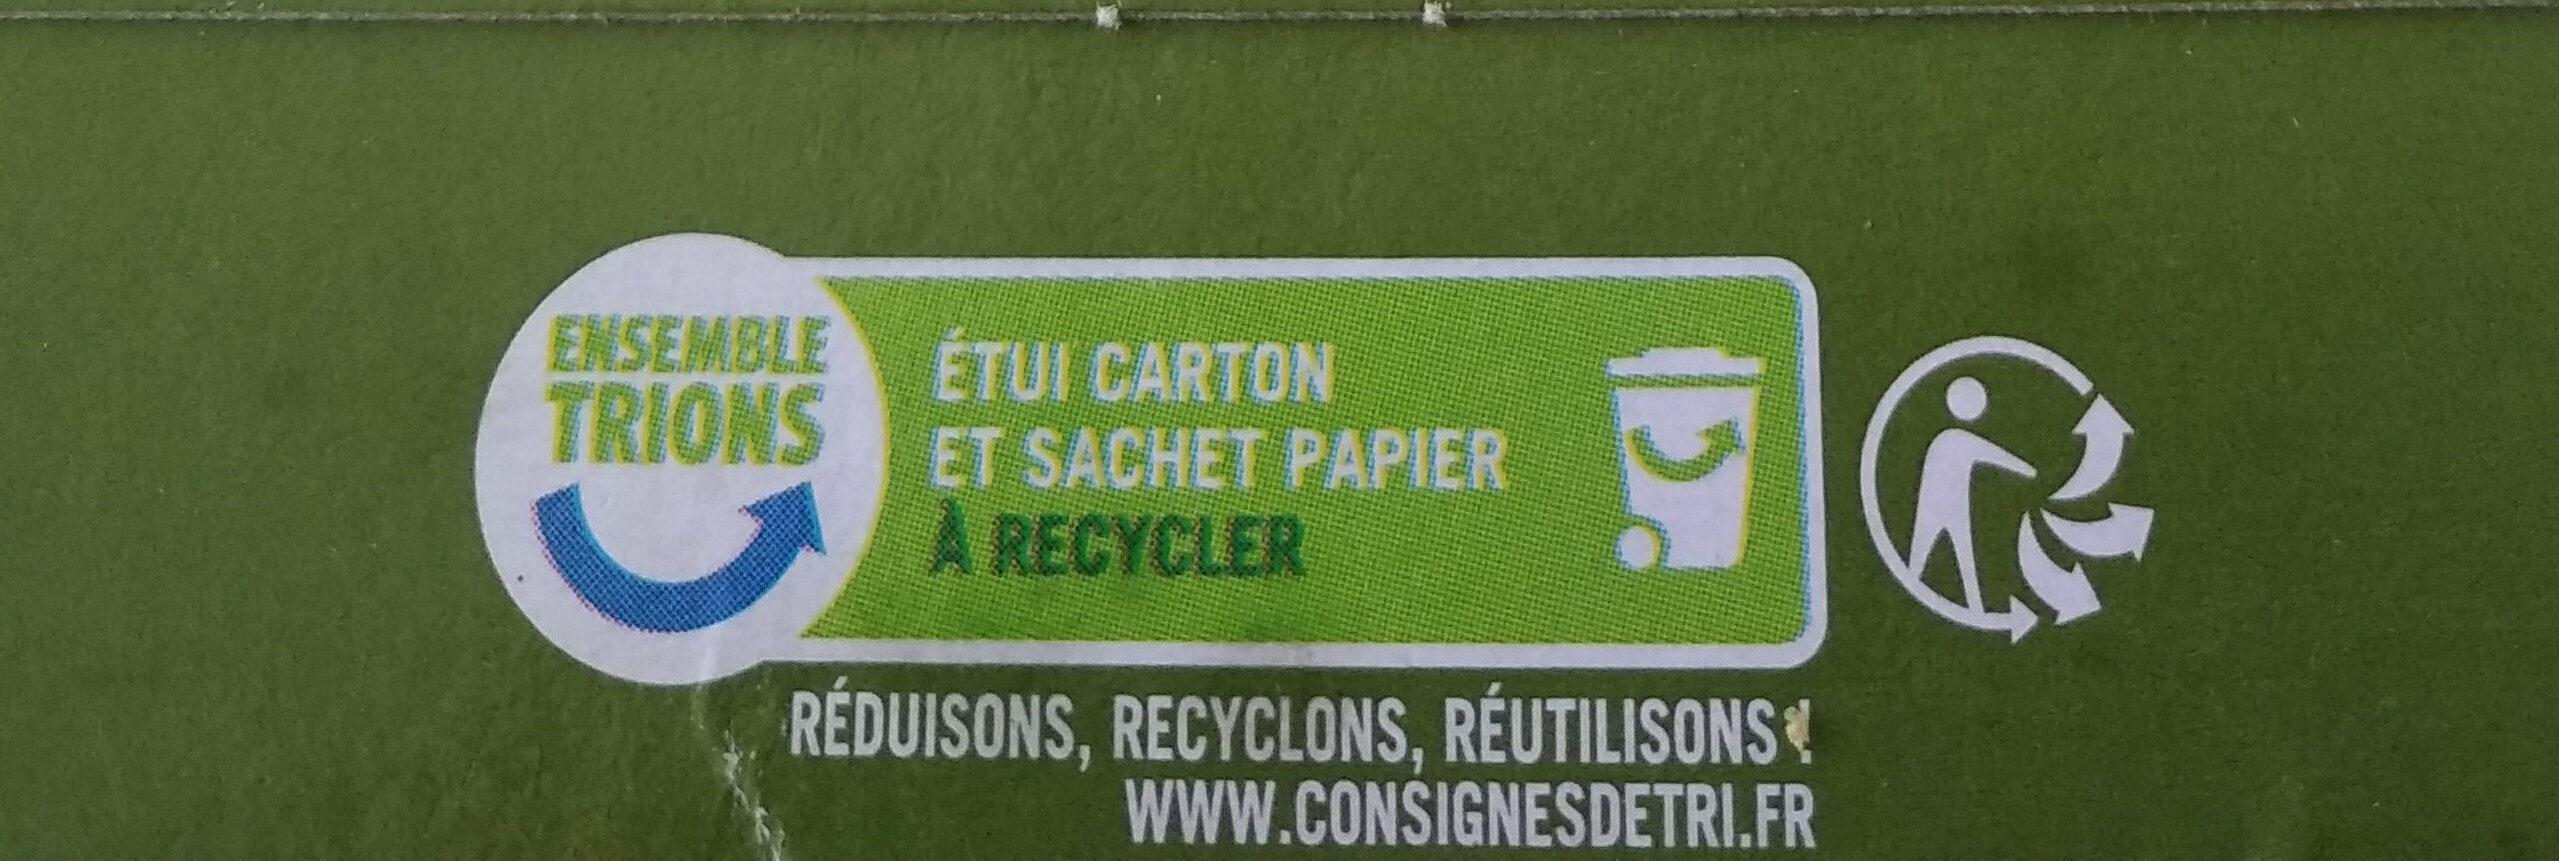 Flocons d'avoine - Instrucciones de reciclaje y/o información de embalaje - fr